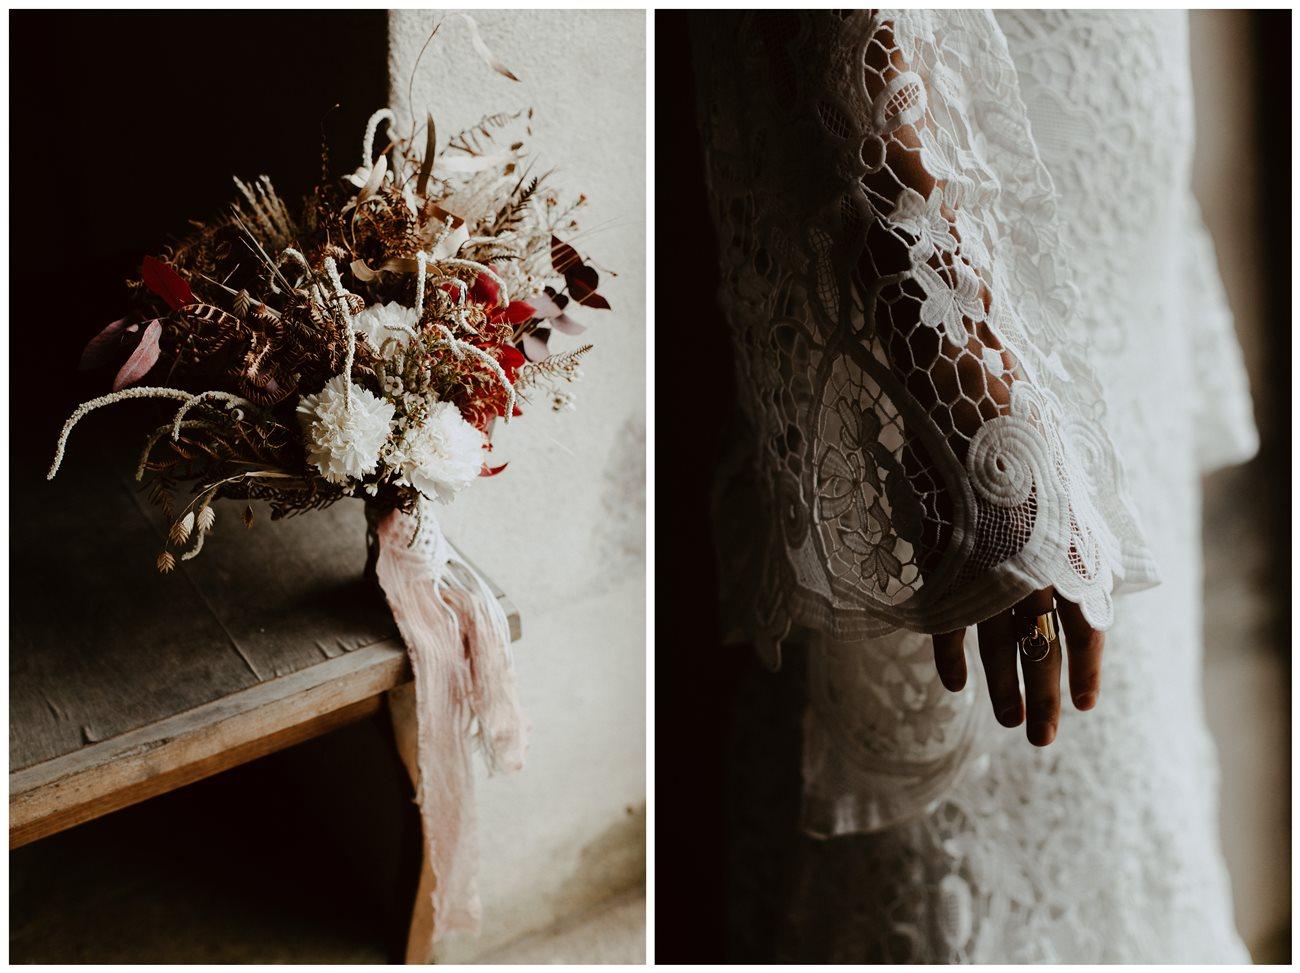 mariage bohème bouquet fleurs hiver Folie Douce Flower détail robe dentelle Kamelion